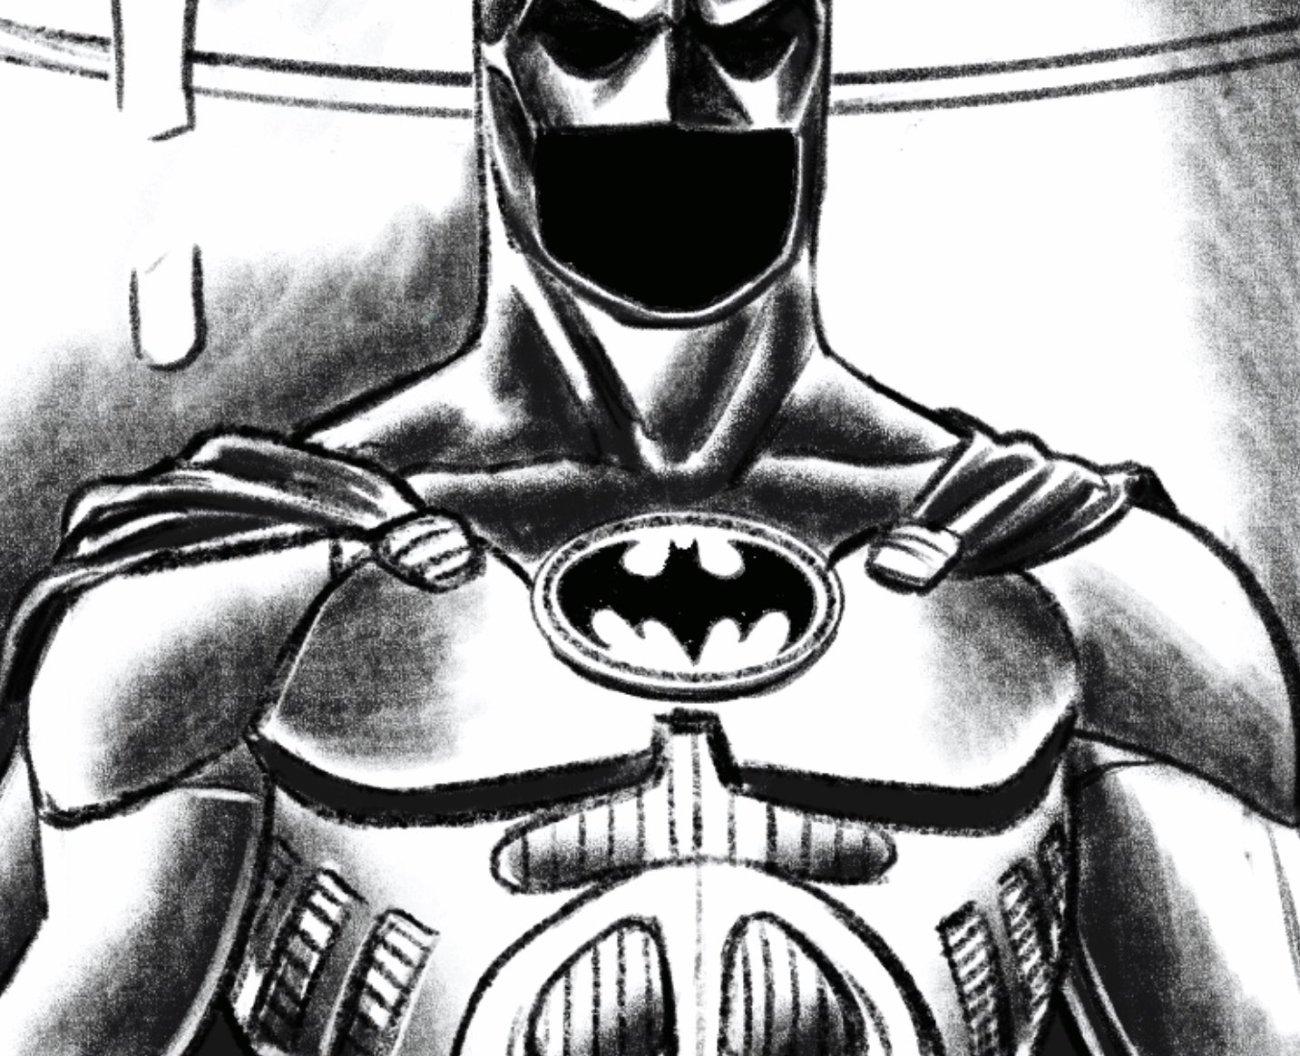 El Batitraje en Batman '89 (2021). Arte por Joe Quiñones. Imagen: Joe Quiñones Twitter (@Joe_Quinones).